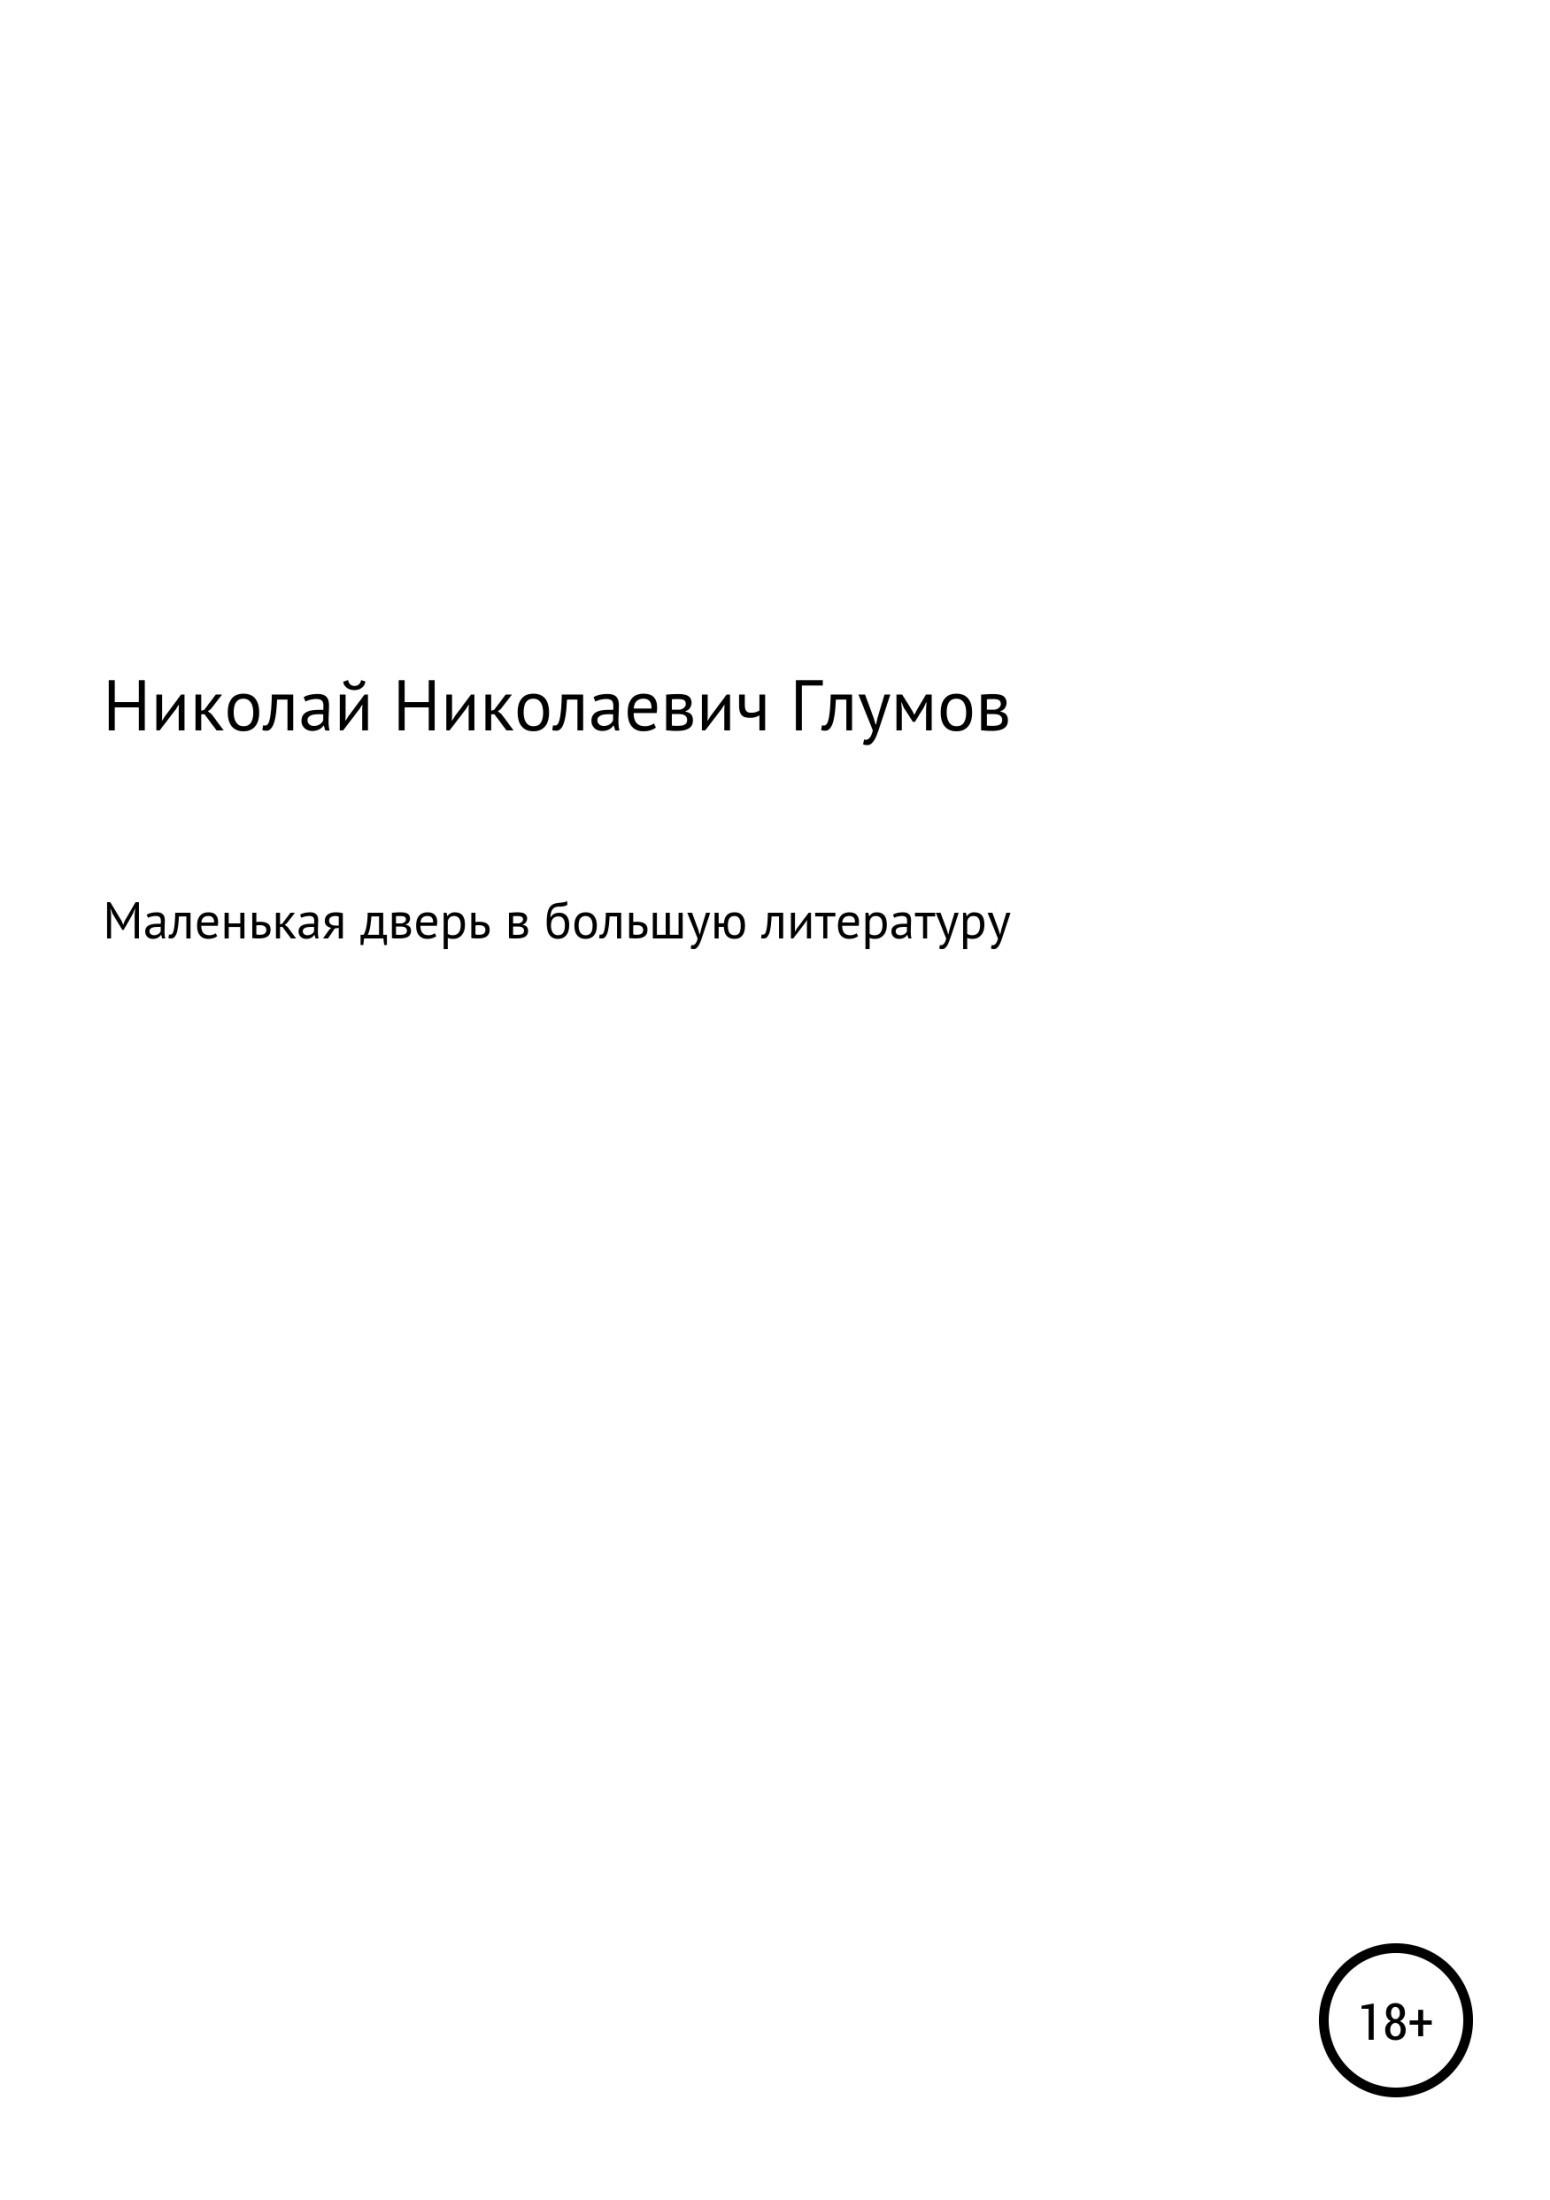 Николай Николаевич Глумов Маленькая дверь в большую литературу николай николаевич глумов красный флаг над заводом